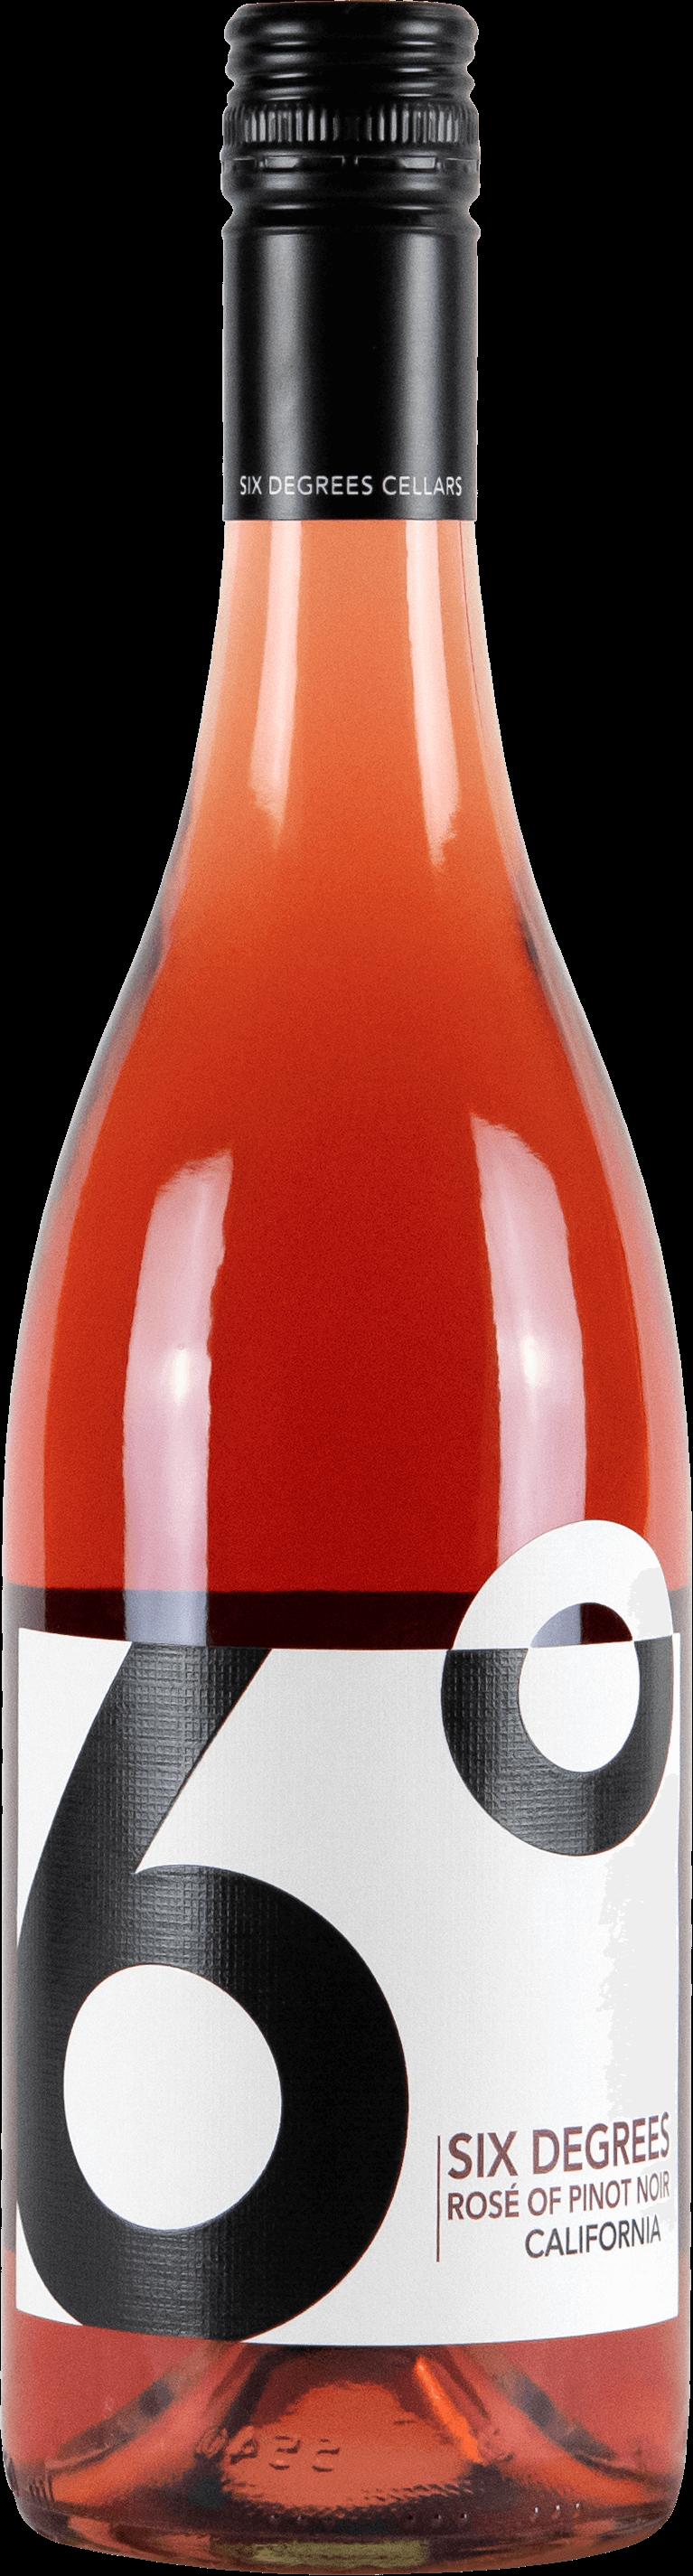 6 Degrees Rosé of Pinot Noir